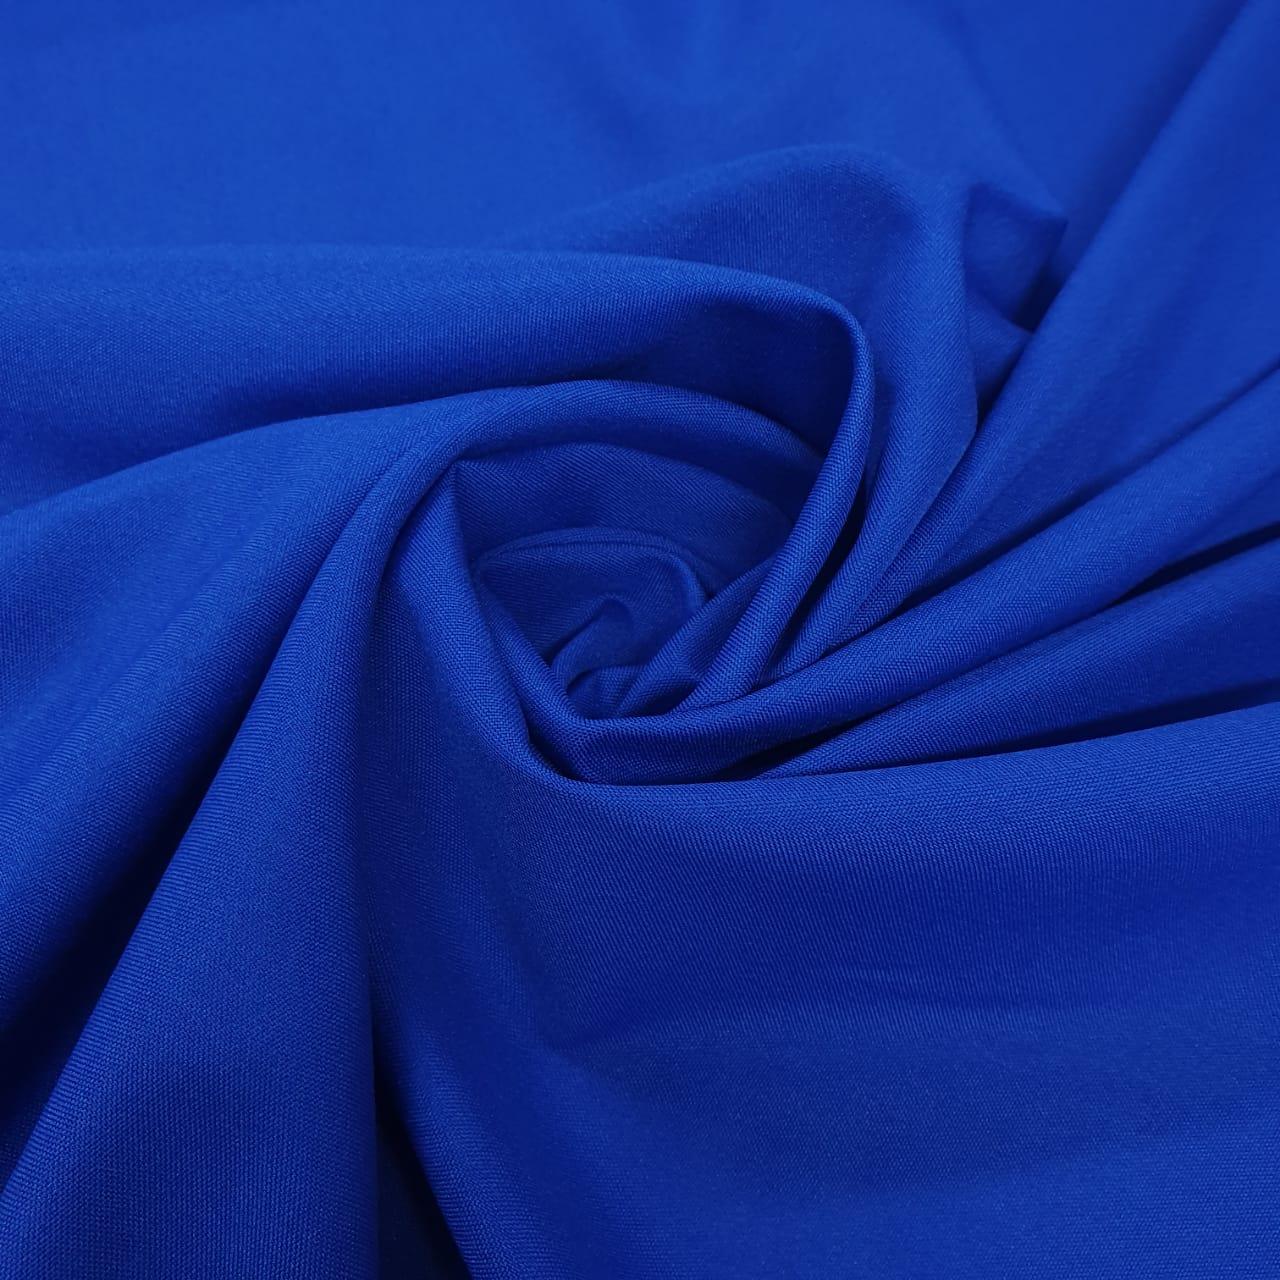 Tecido Oxford Liso Azul - 1,50m de Largura